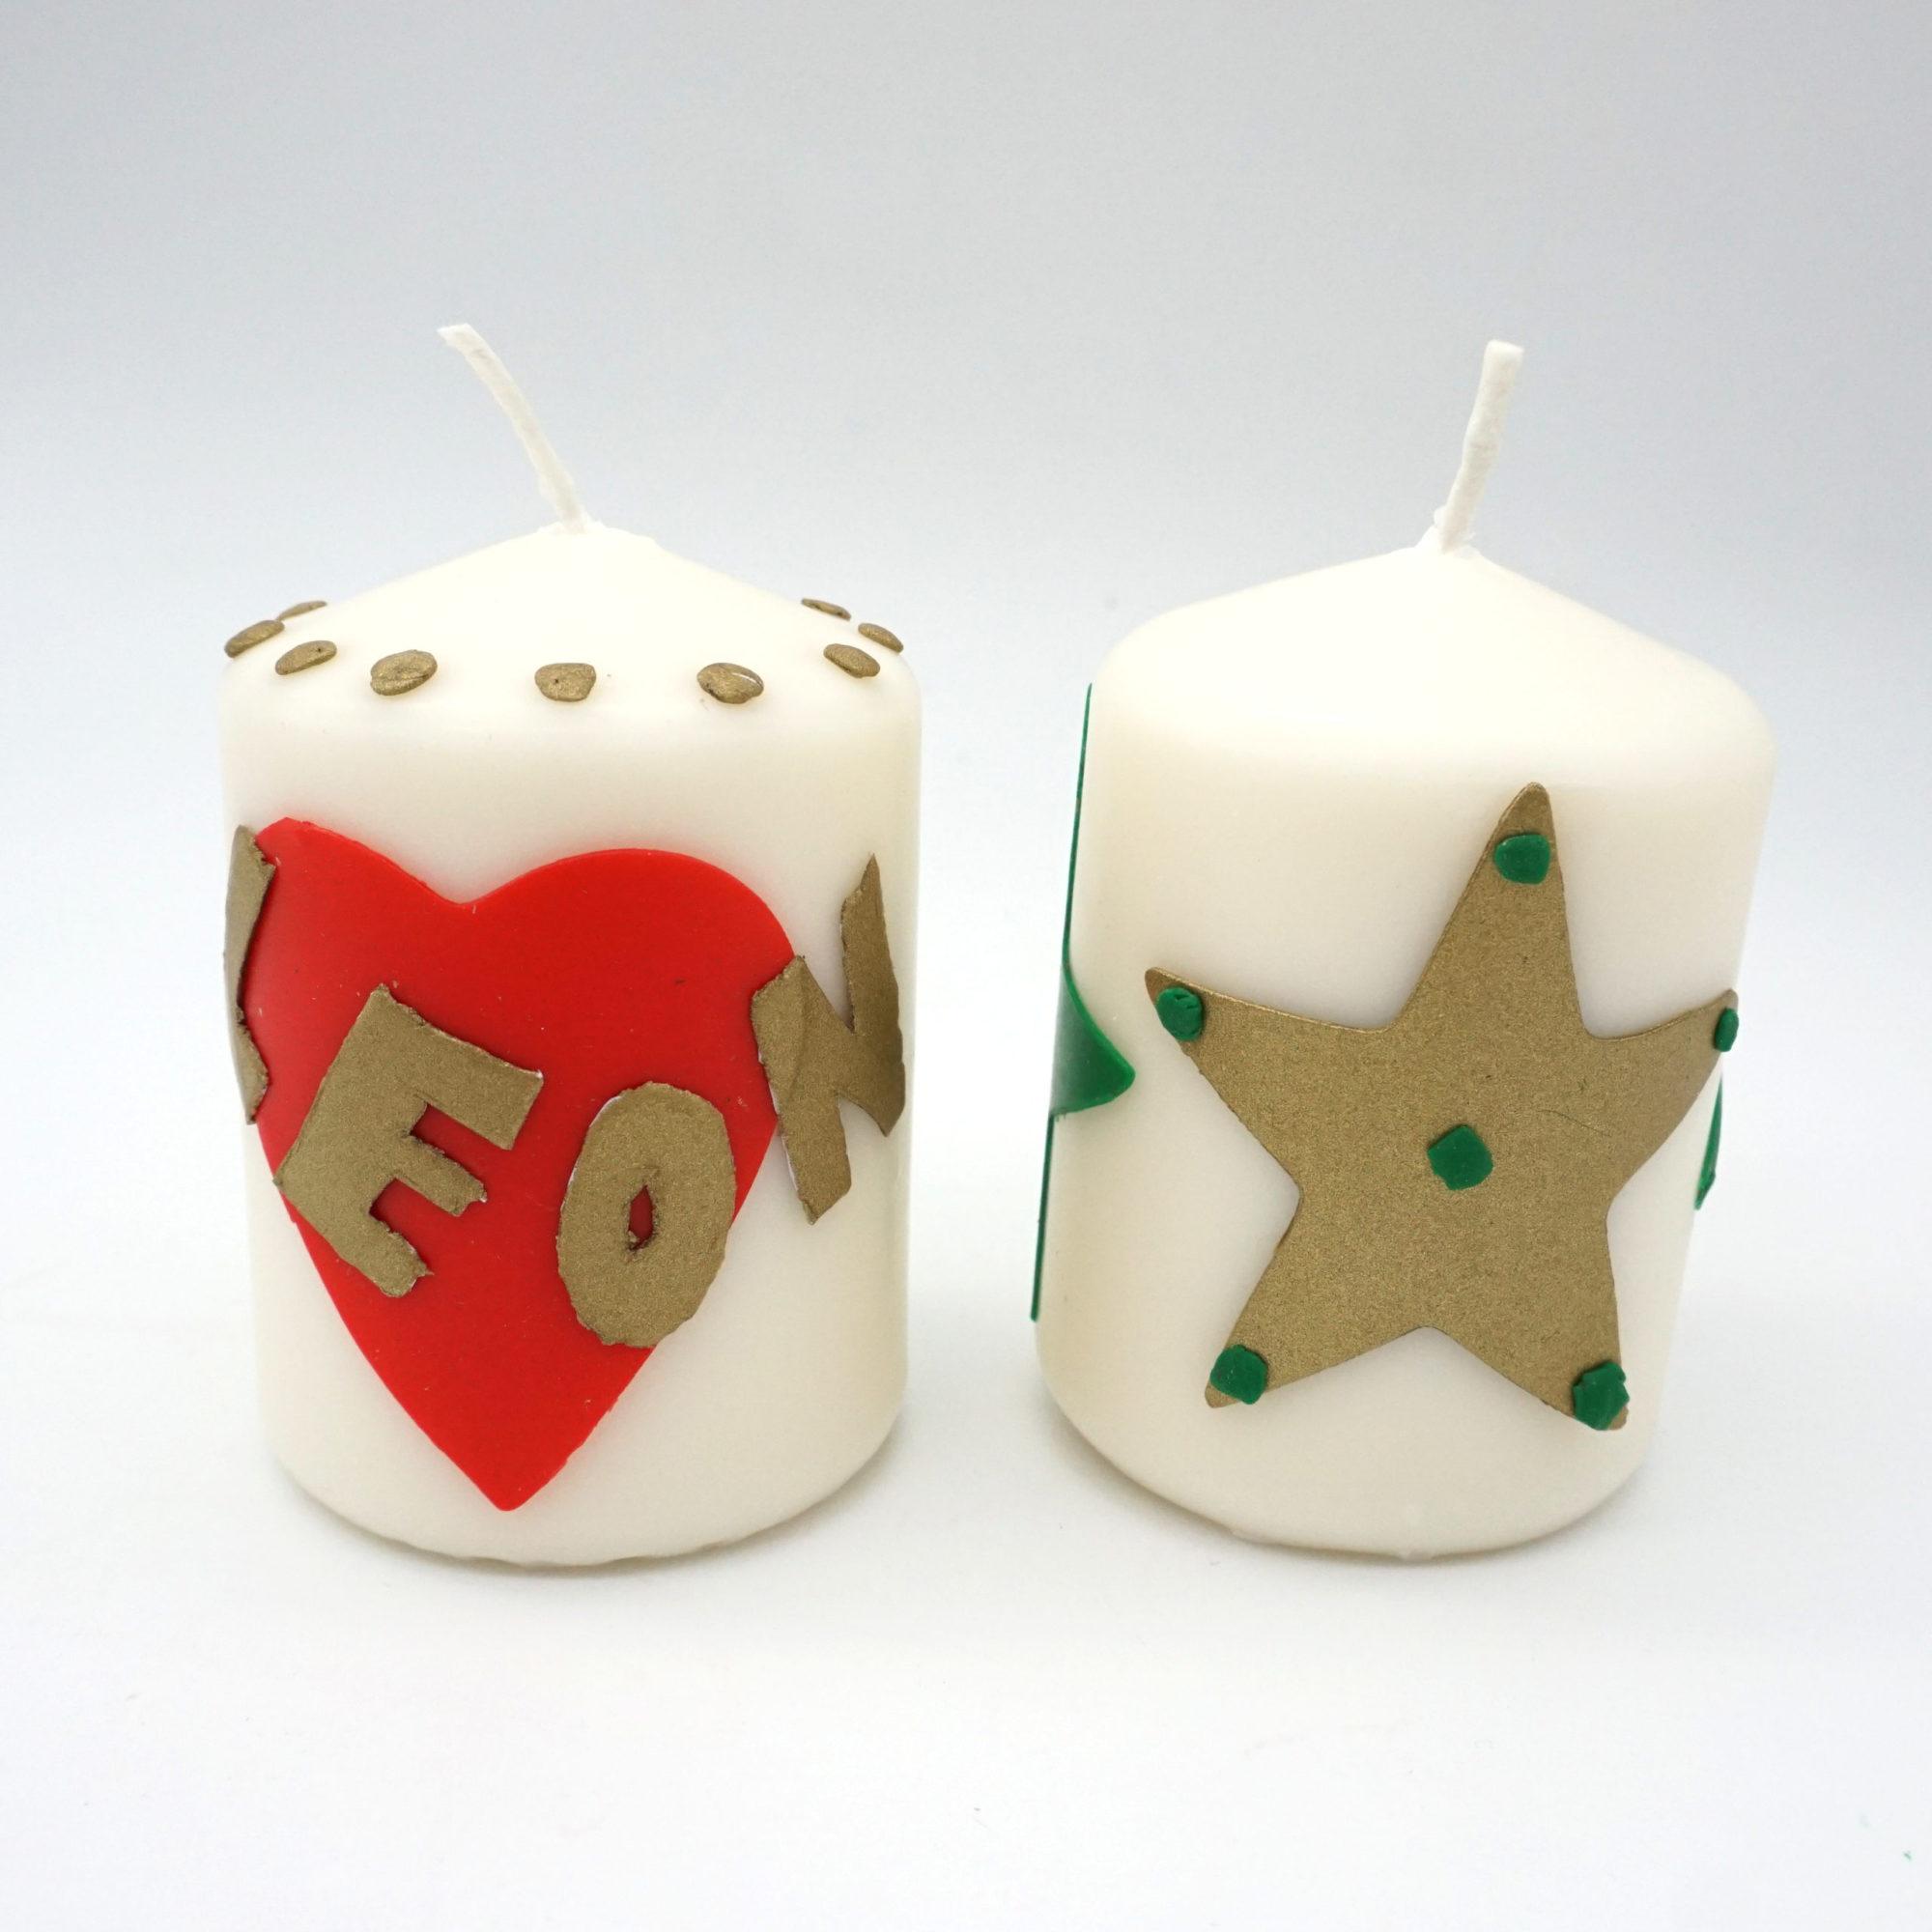 Bastelset Kerzen gestalten mit Wachsplatten